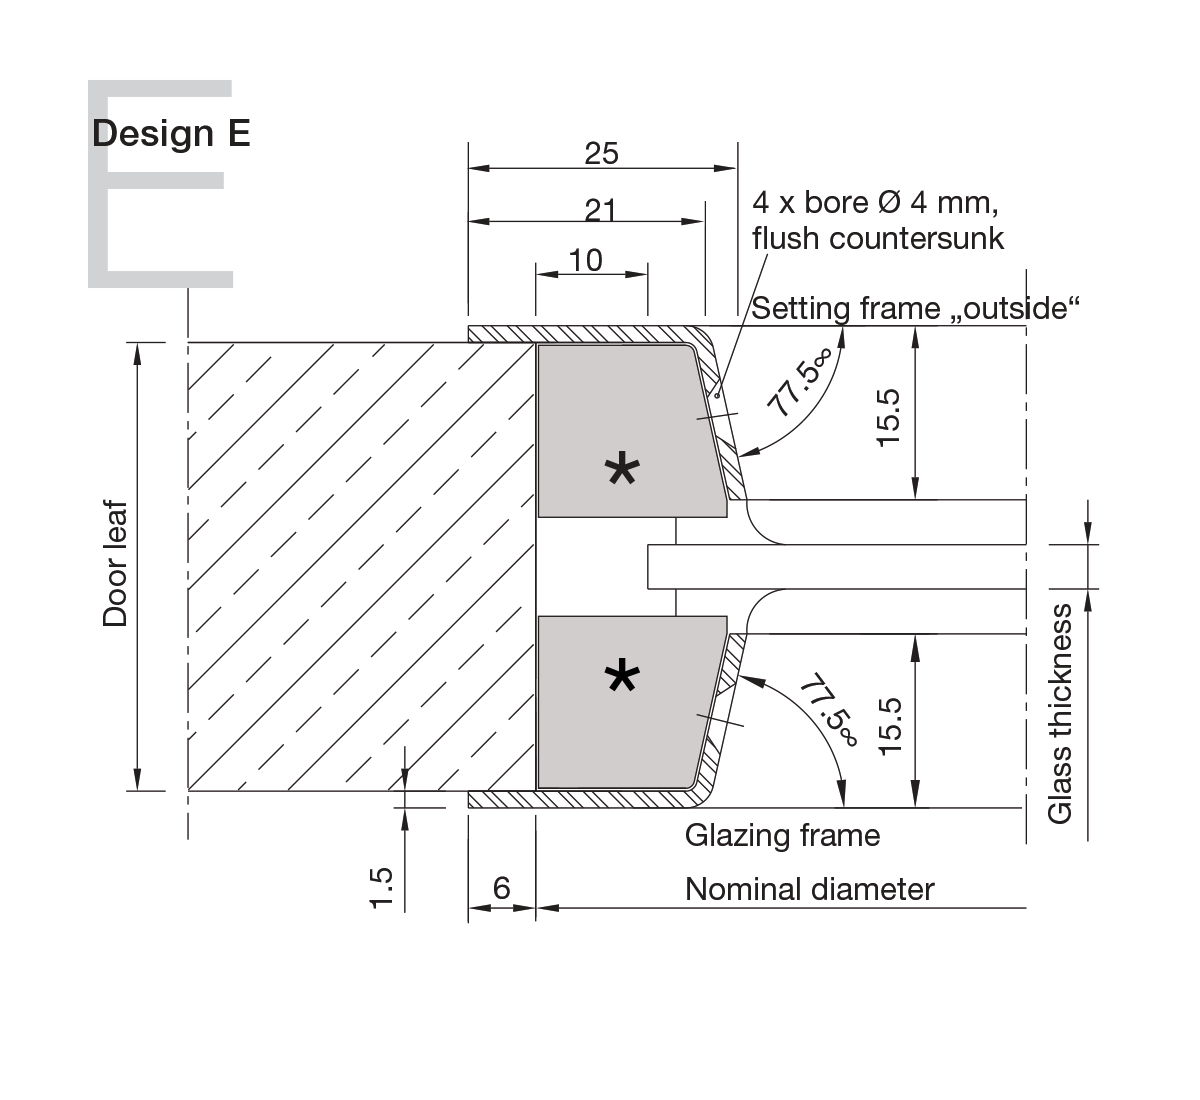 Stainless Steel Portholes Design E